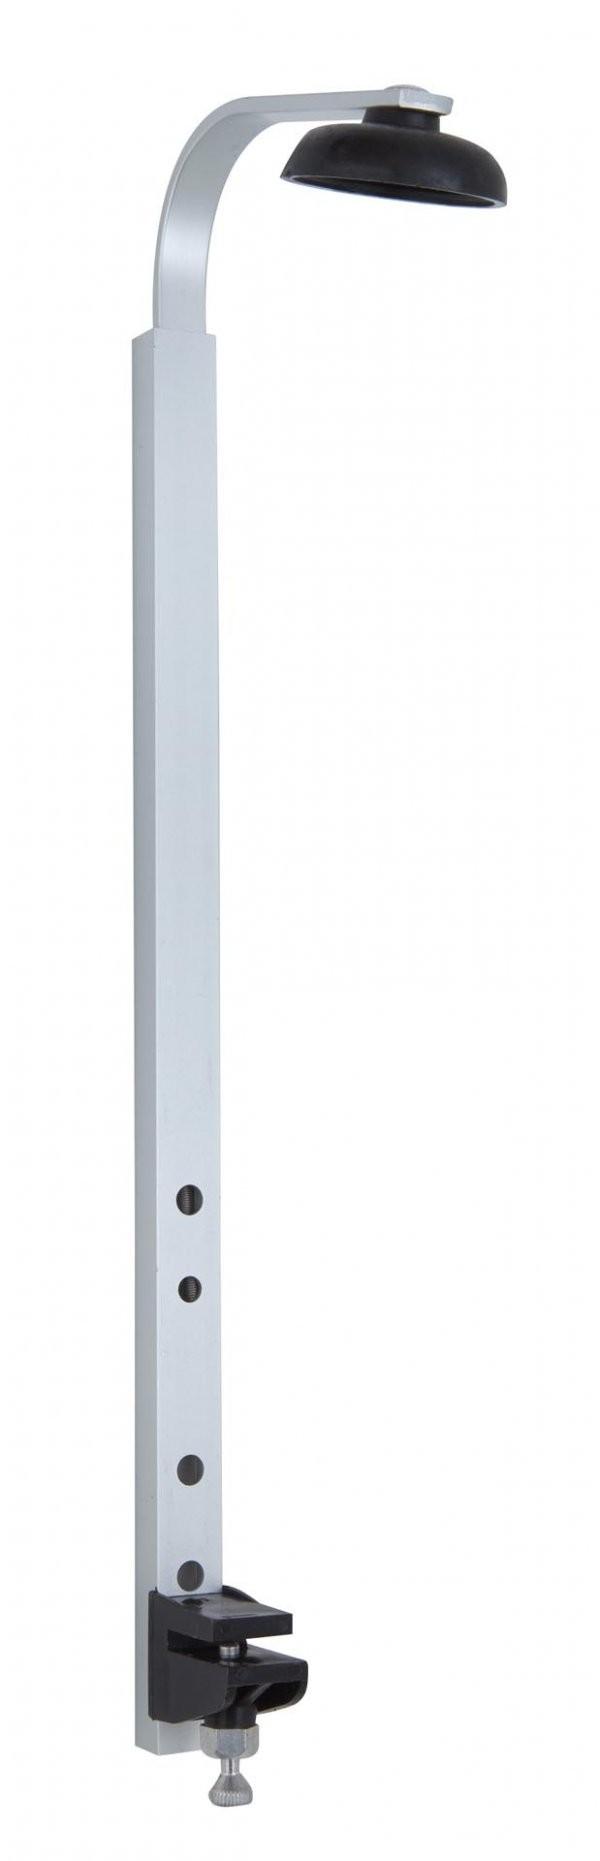 Euro Adaptor Wall Bracket 70cl/1 litre